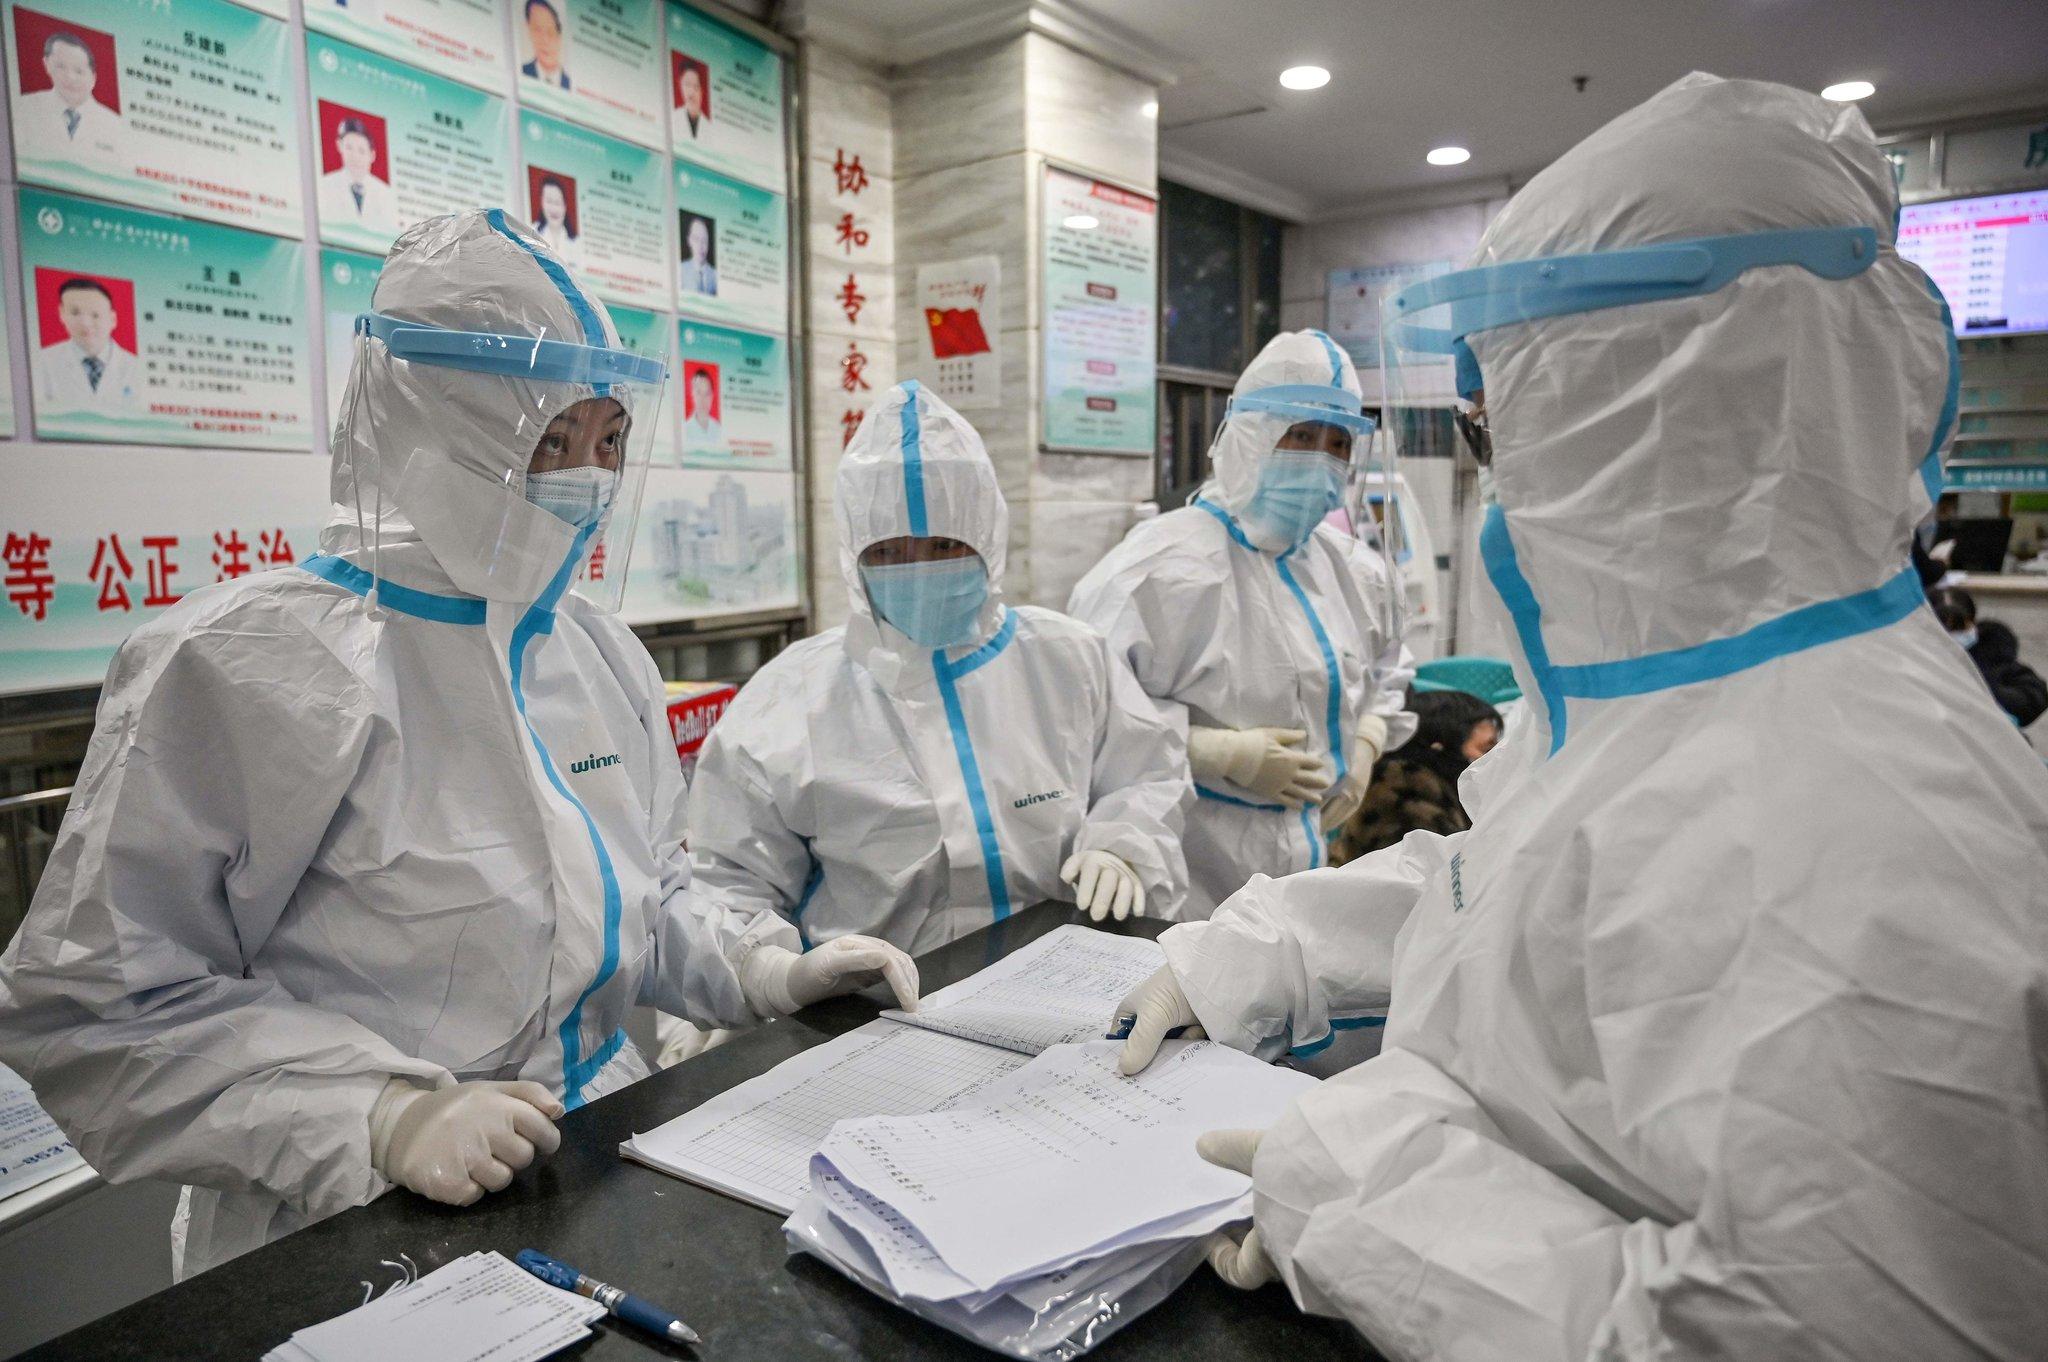 Coronavirus, morto il primario di un ospedale di Wuhan